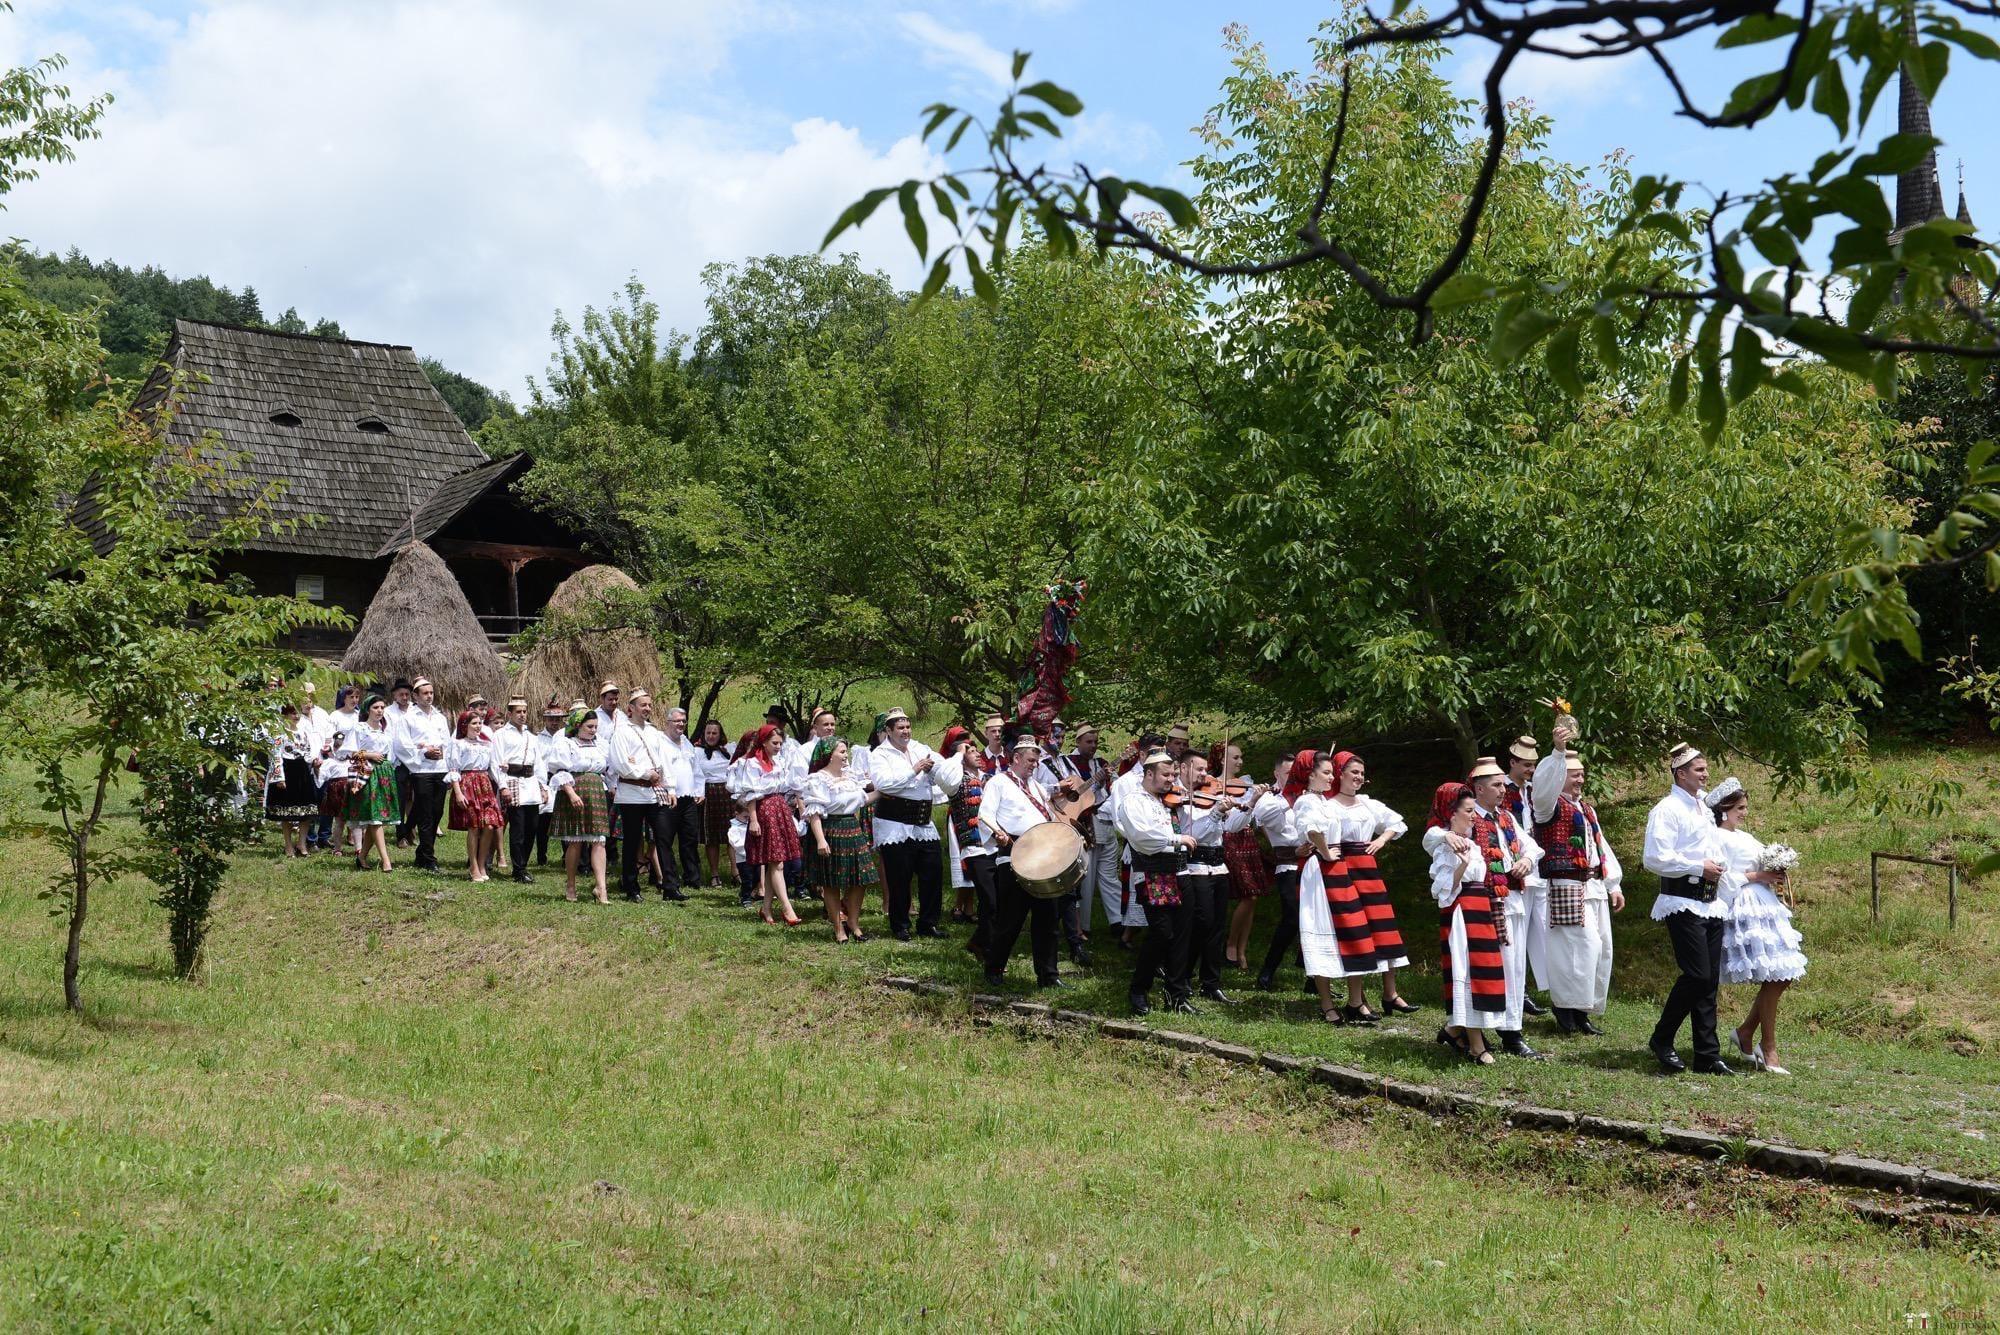 Povești Nunți Tradiționale - Florentina Vlad și Lemnean Ionuț. Cununie tradițională în Baia Mare 24